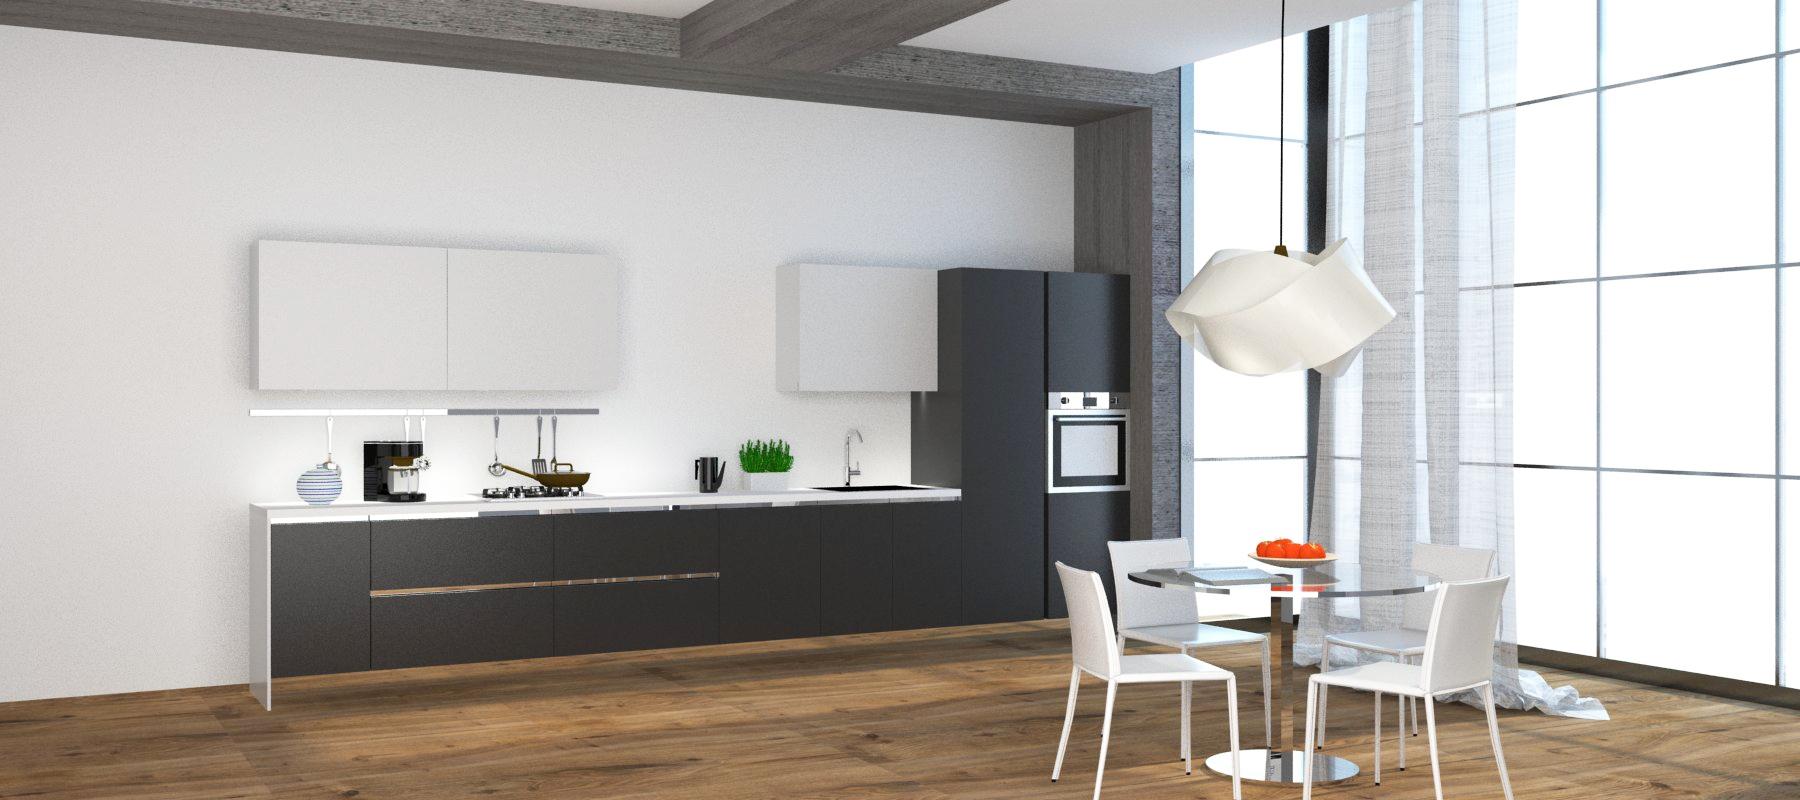 Cucina lineare con colonna frigo e colonna forno nuova a - Elettrodomestici cucina ...